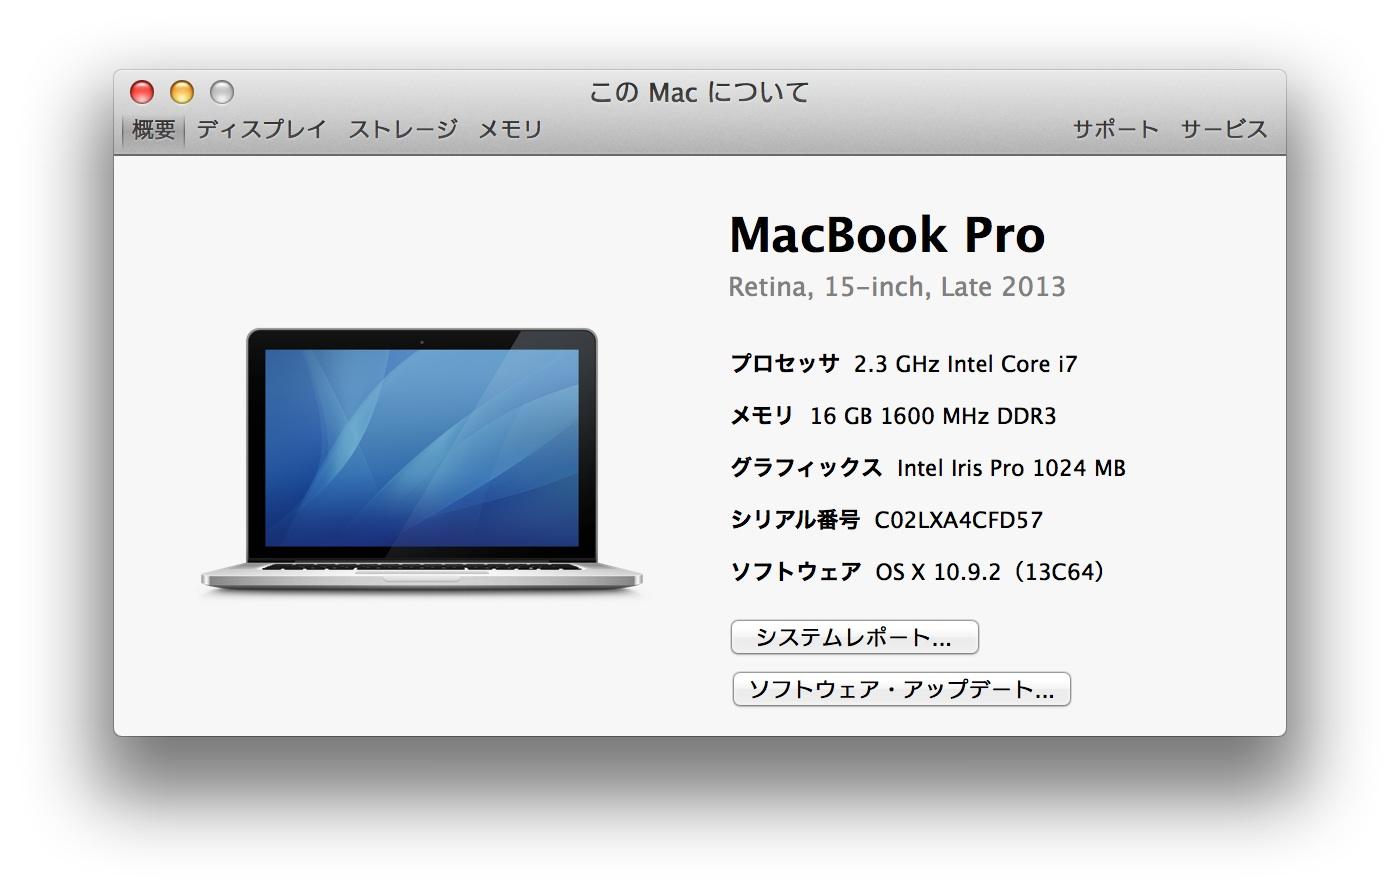 macbookpro15corei723retina03.jpg